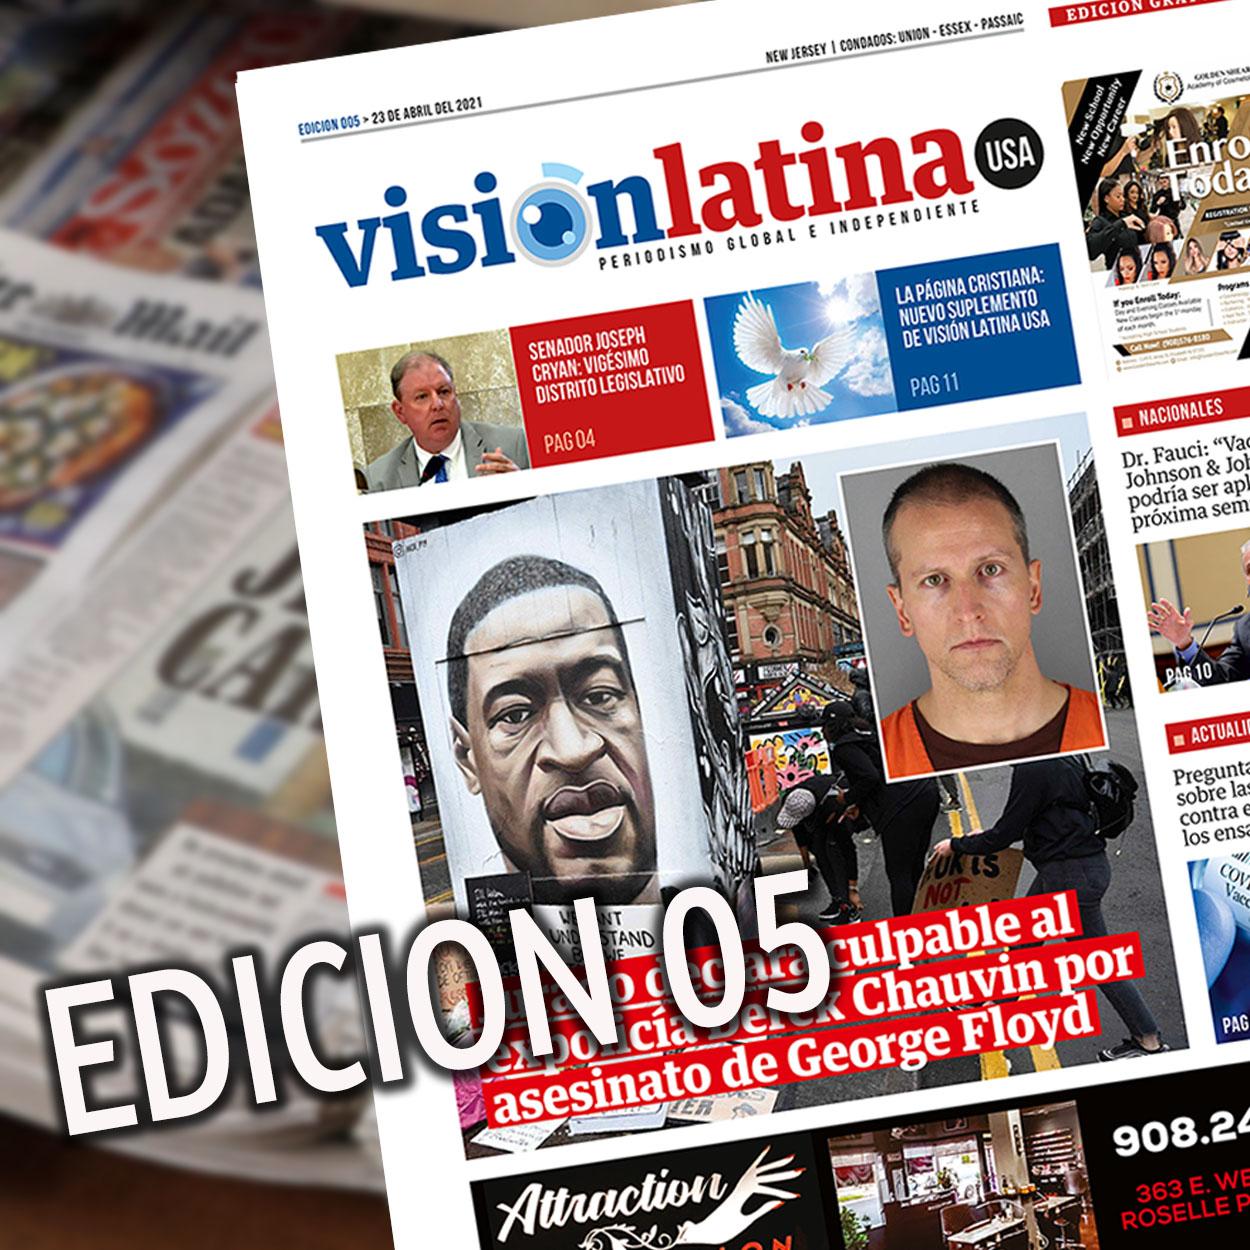 Edición Virtual 05 Vision Latina USA